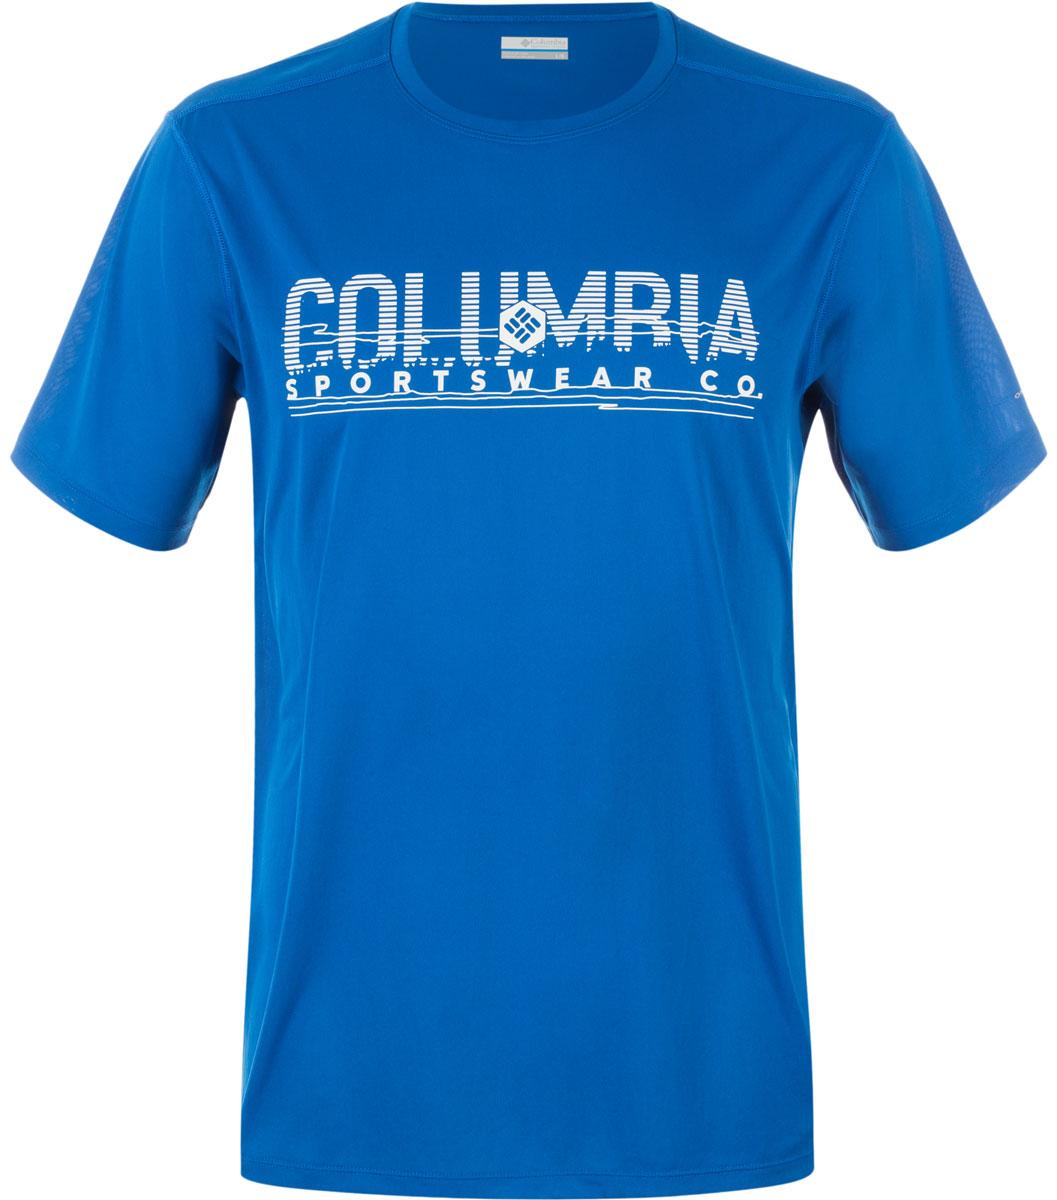 Футболка мужская Columbia Tech Trek Graphic SS Shirt T-shirt, цвет: синий. 1711801-438. Размер L (48/50)1711801-438Мужская футболка Columbia изготовлена из высококачественного быстросохнущего полиэстера. Футболка с круглым вырезом горловины и короткими рукавами незаменима для занятий спортом. Крупный принт на груди придает изделию оригинальность.